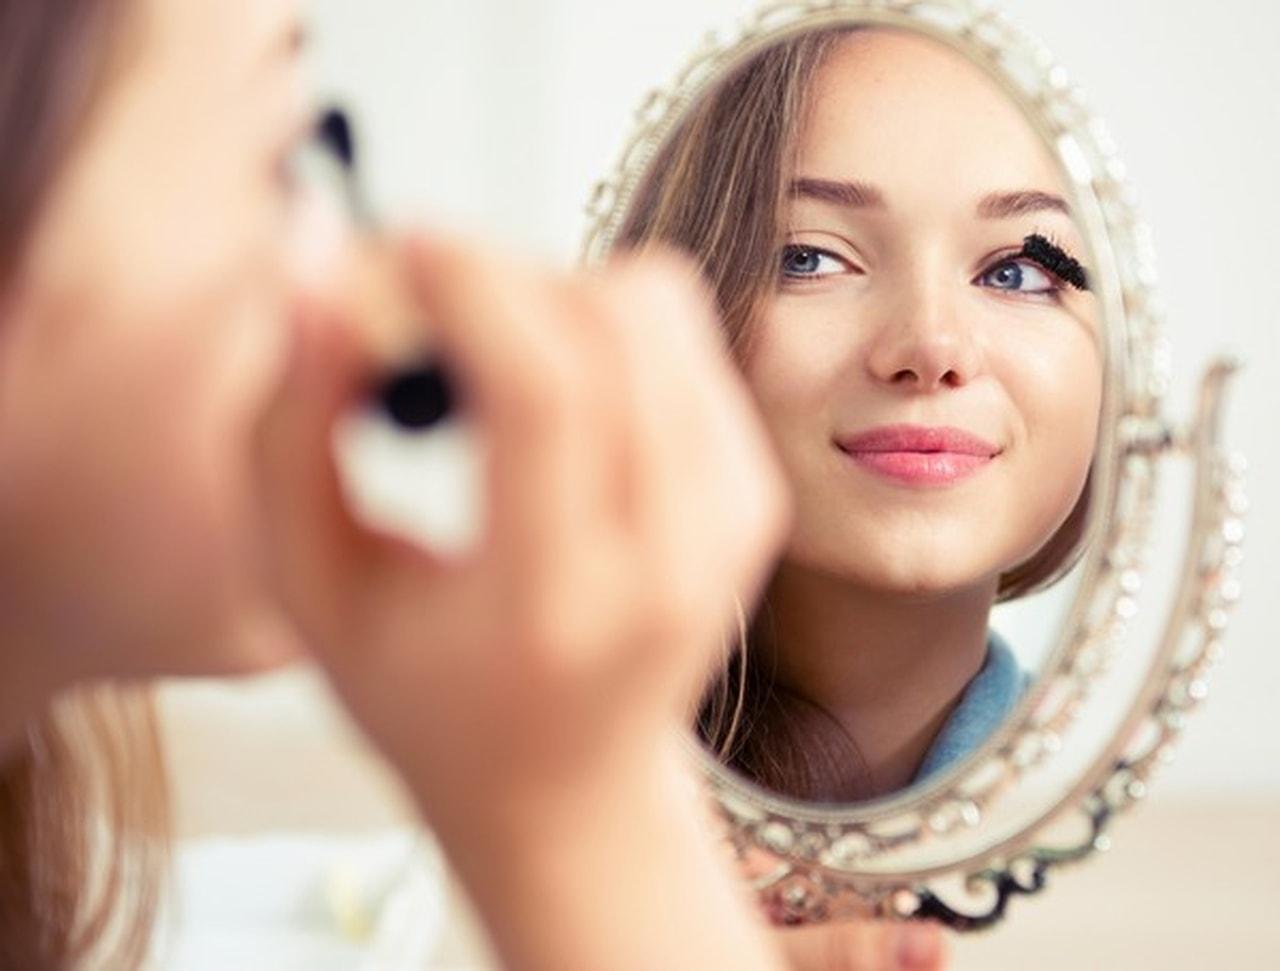 التغيرات الفسيولوجية في سن المراهقة للبنات